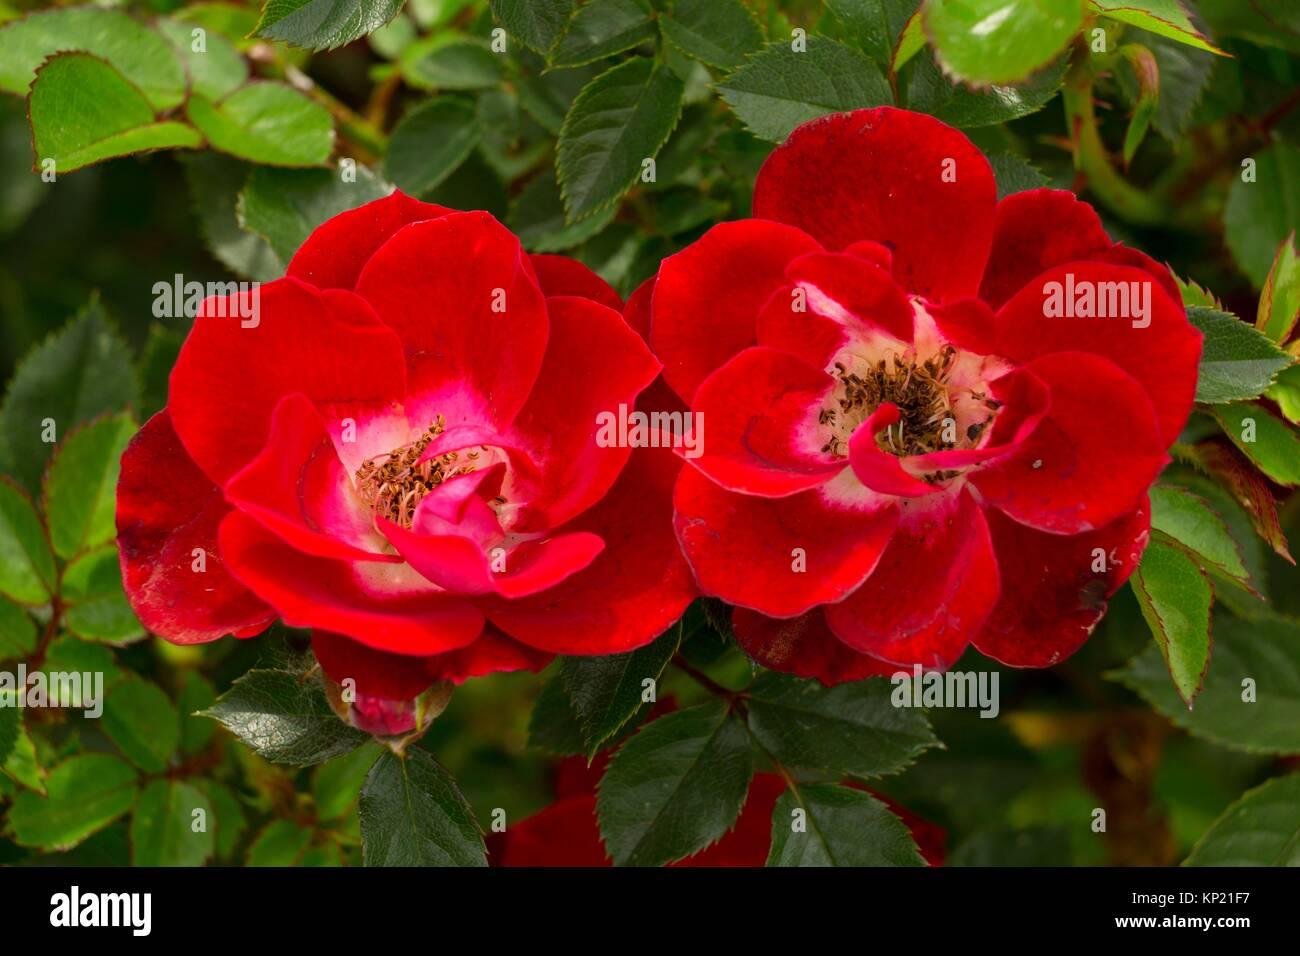 Wundervolle Nachrichten Rose, Erbstück Rosen, St. Paul, Minnesota. Stockbild